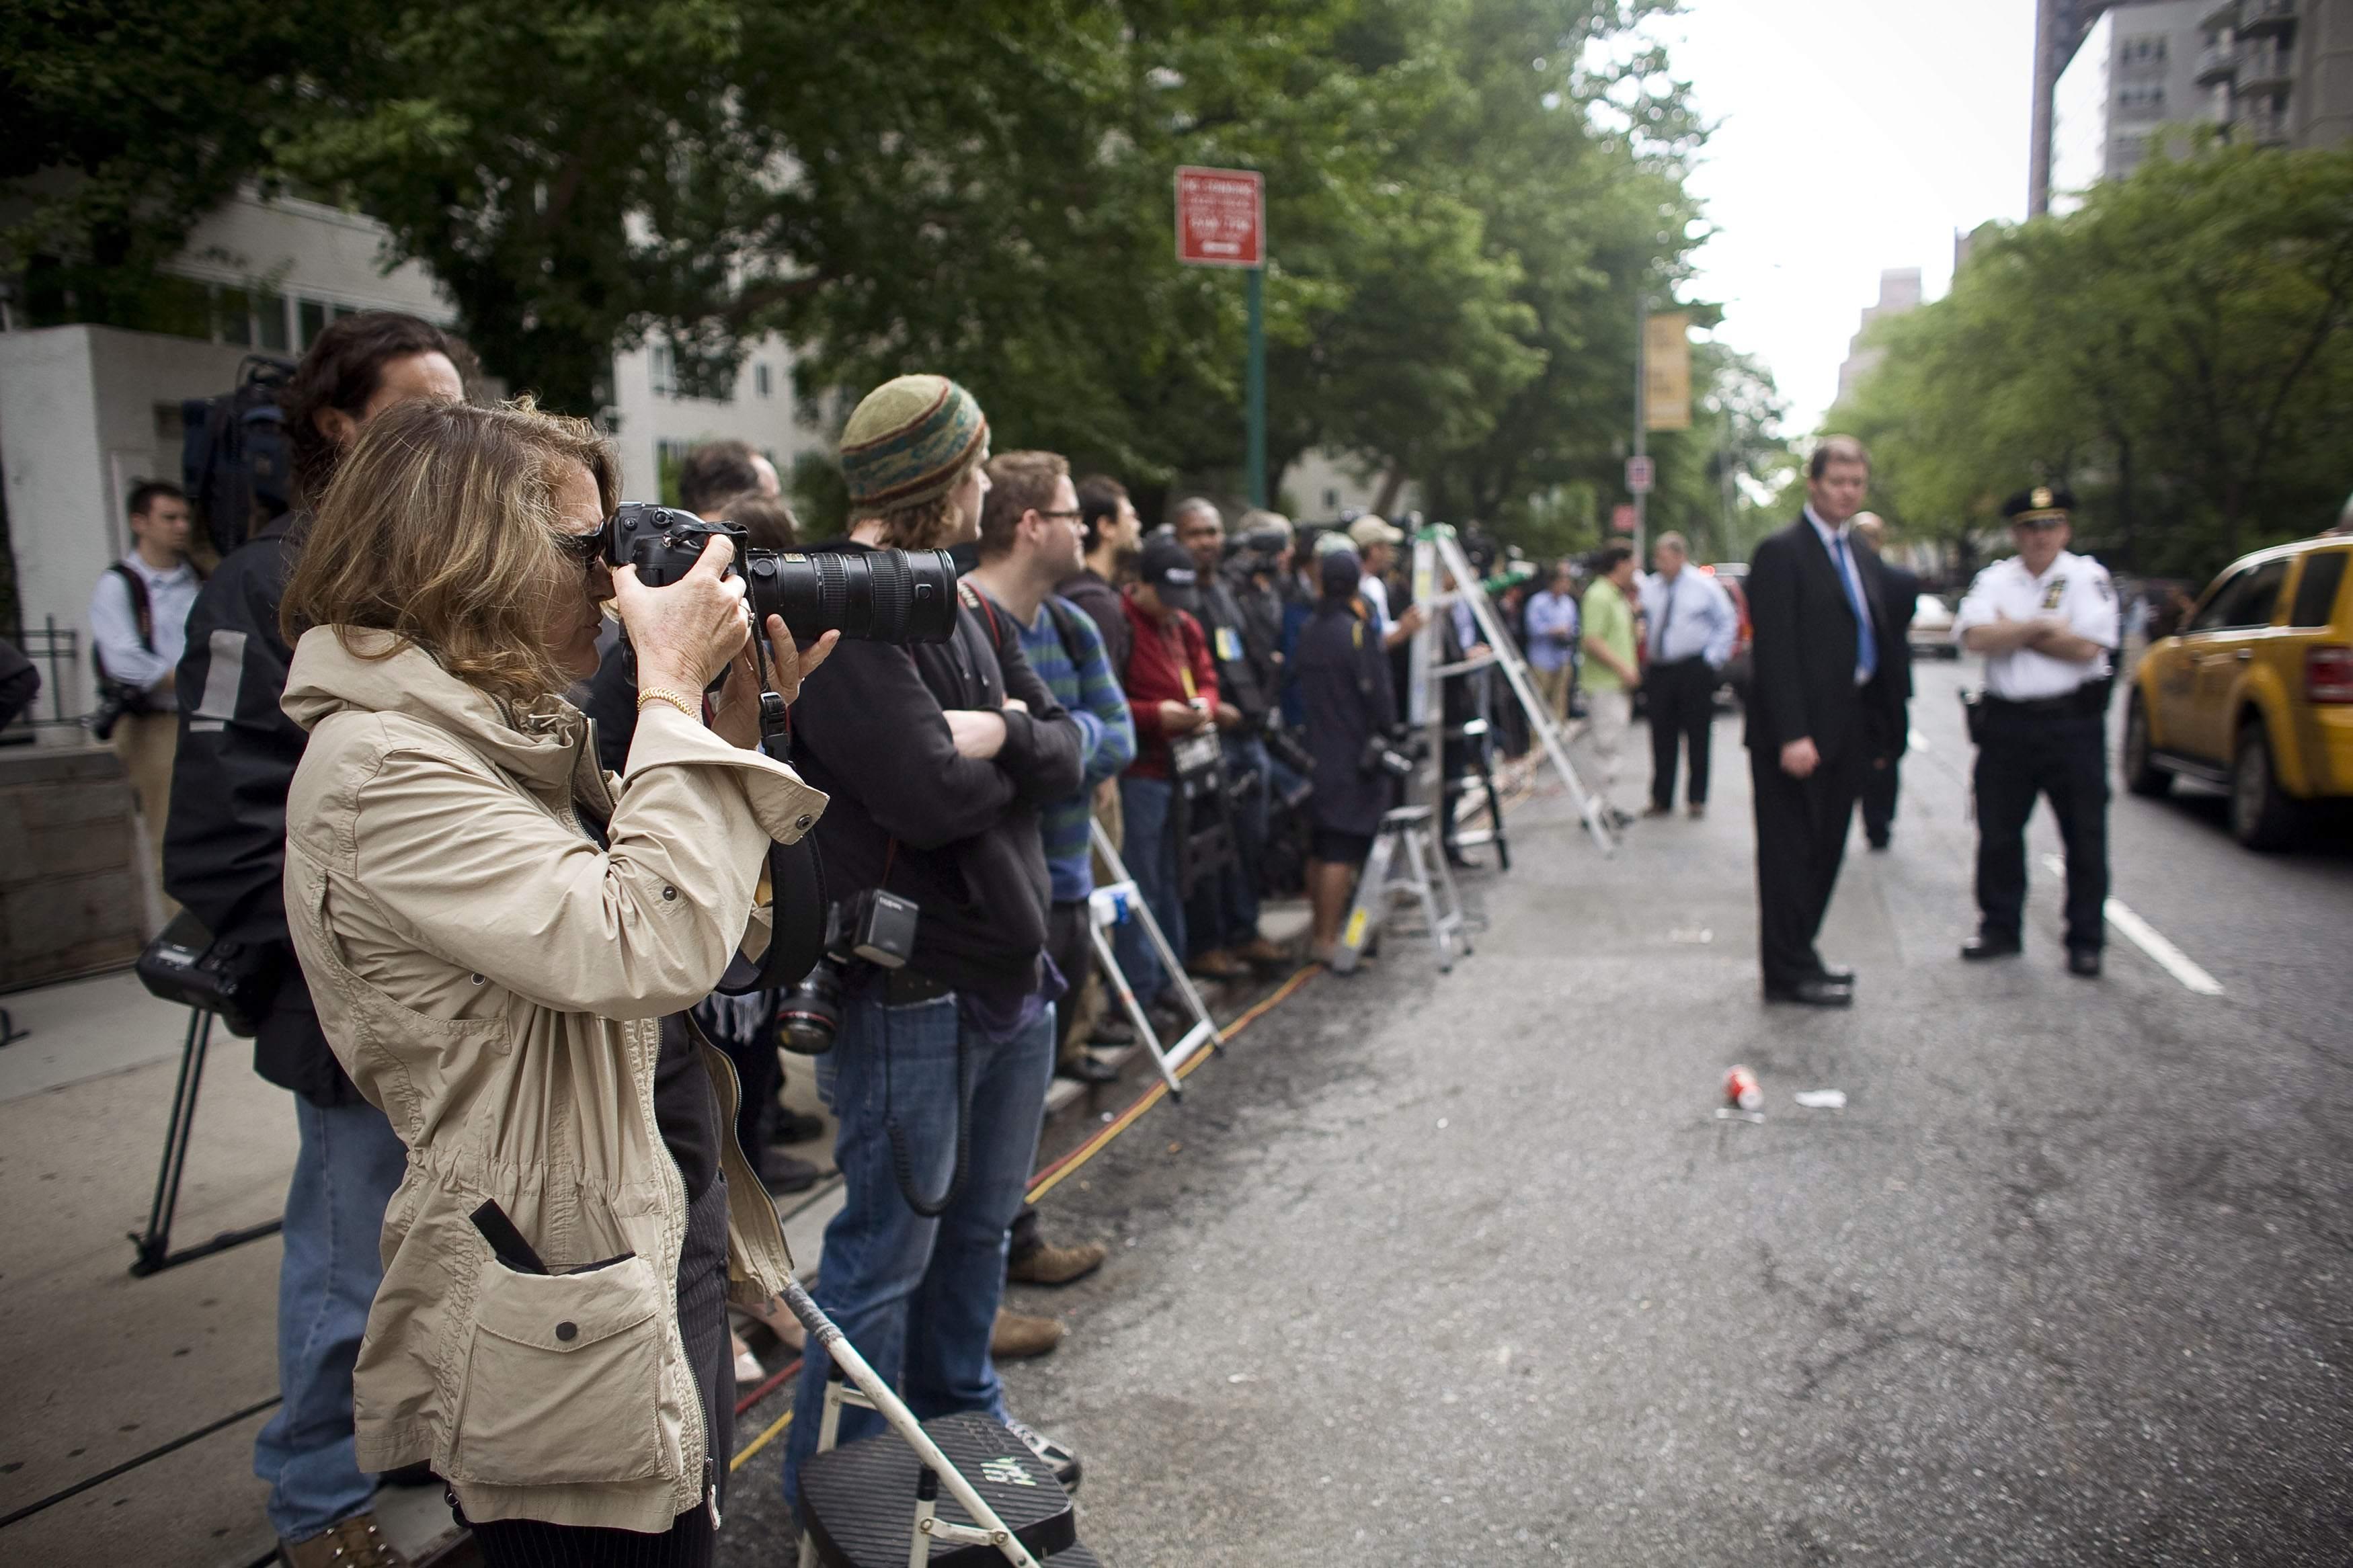 Δεκάδες εκπρόσωποι των διεθνών ΜΜΕ έξω από το κτίριο - ΦΩΤΟ REUTERS